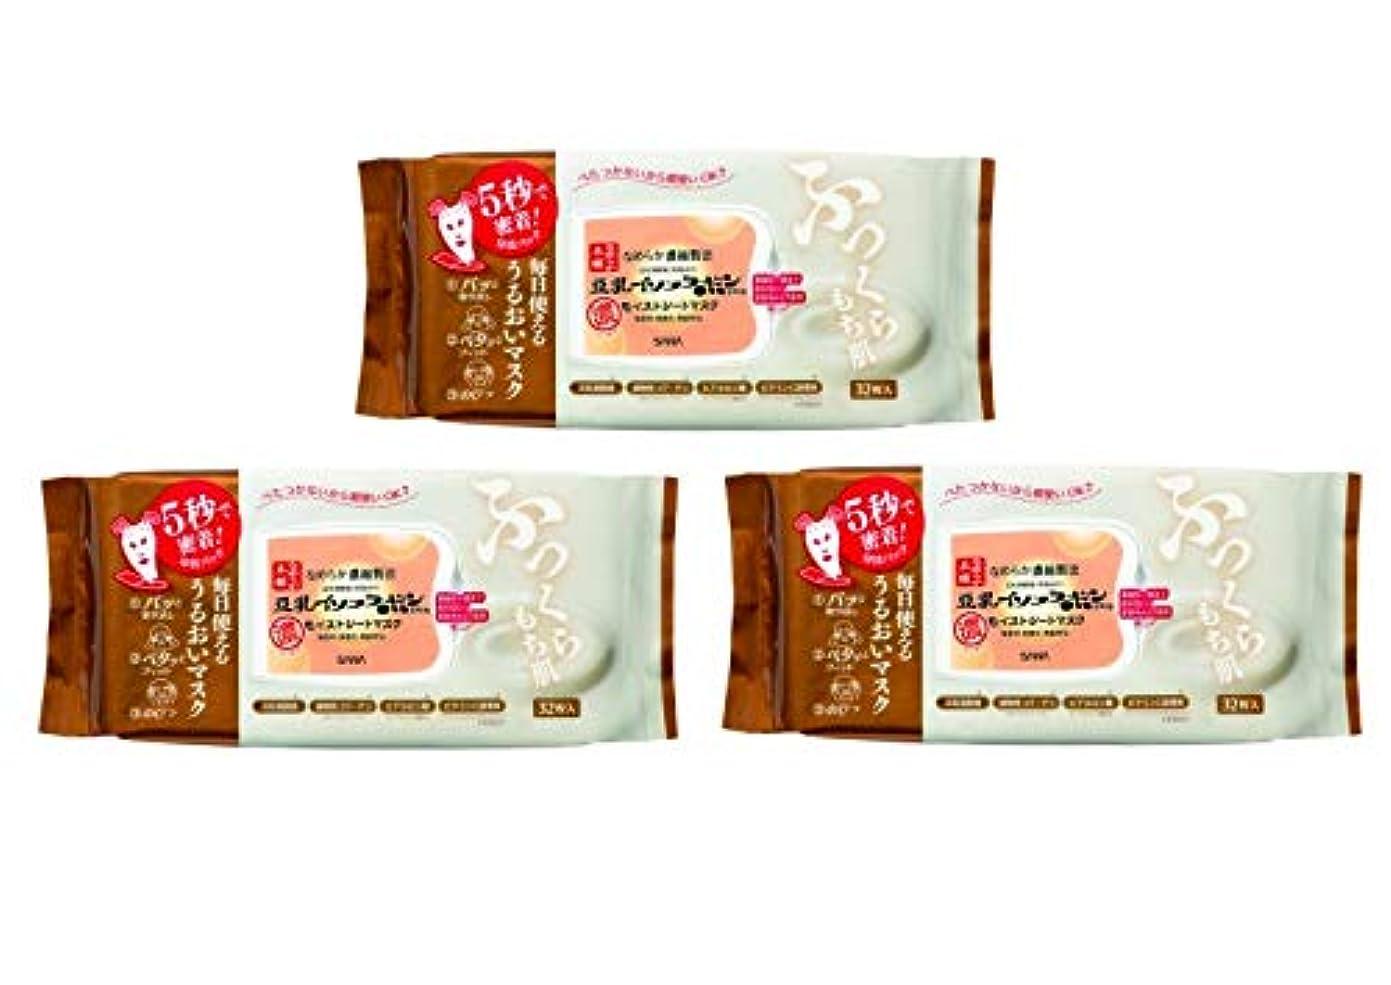 吸い込む会話型マディソン豆乳イソフラボン モイストシートマスク 1個32枚入×3個セット サナ なめらか本舗